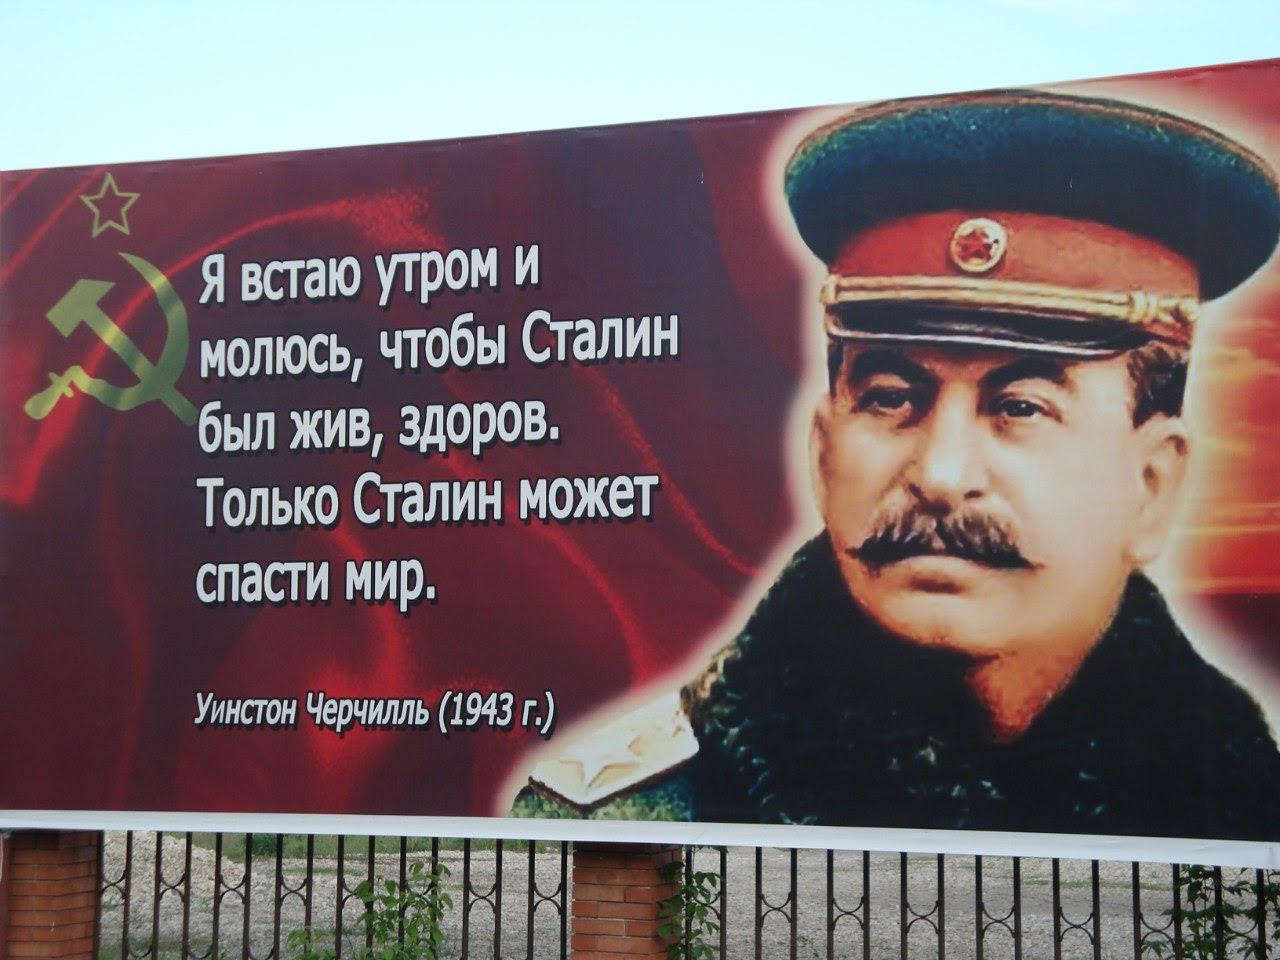 Картинки по запросу черчилль о россии